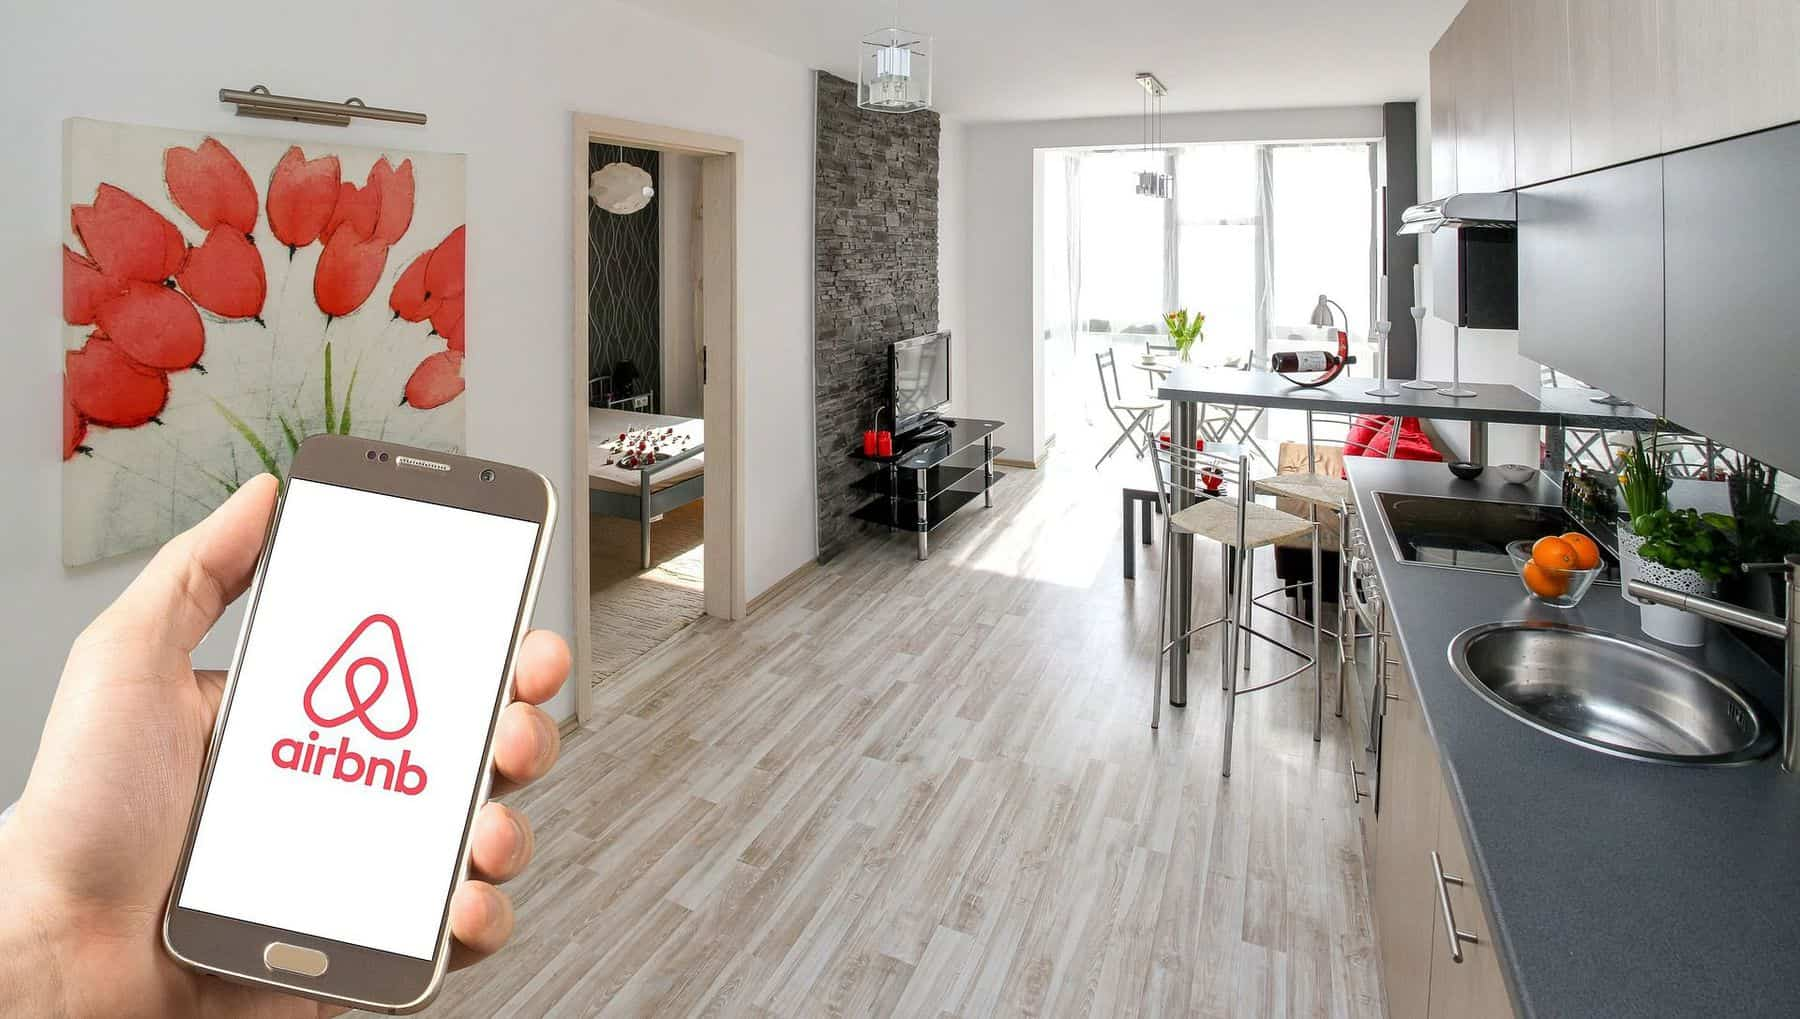 Airbnb funcionamiento